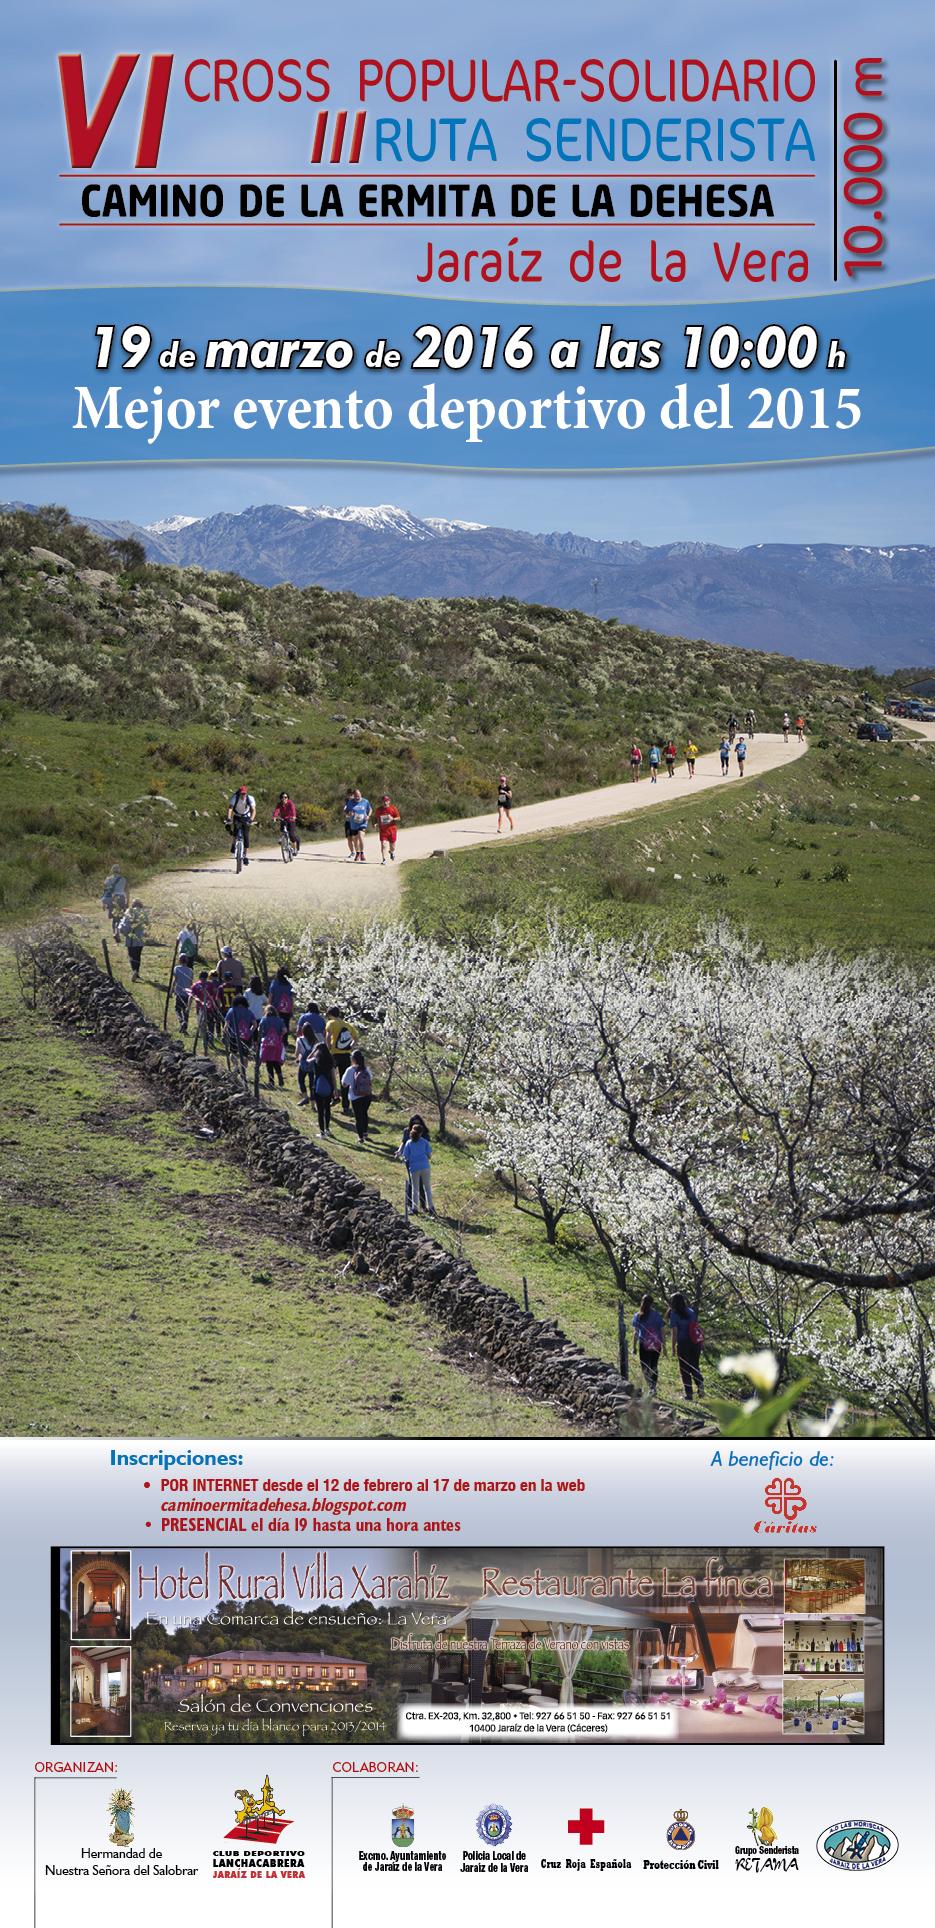 VI Cross y III Ruta Senderista Camino Ermita de la Dehesa